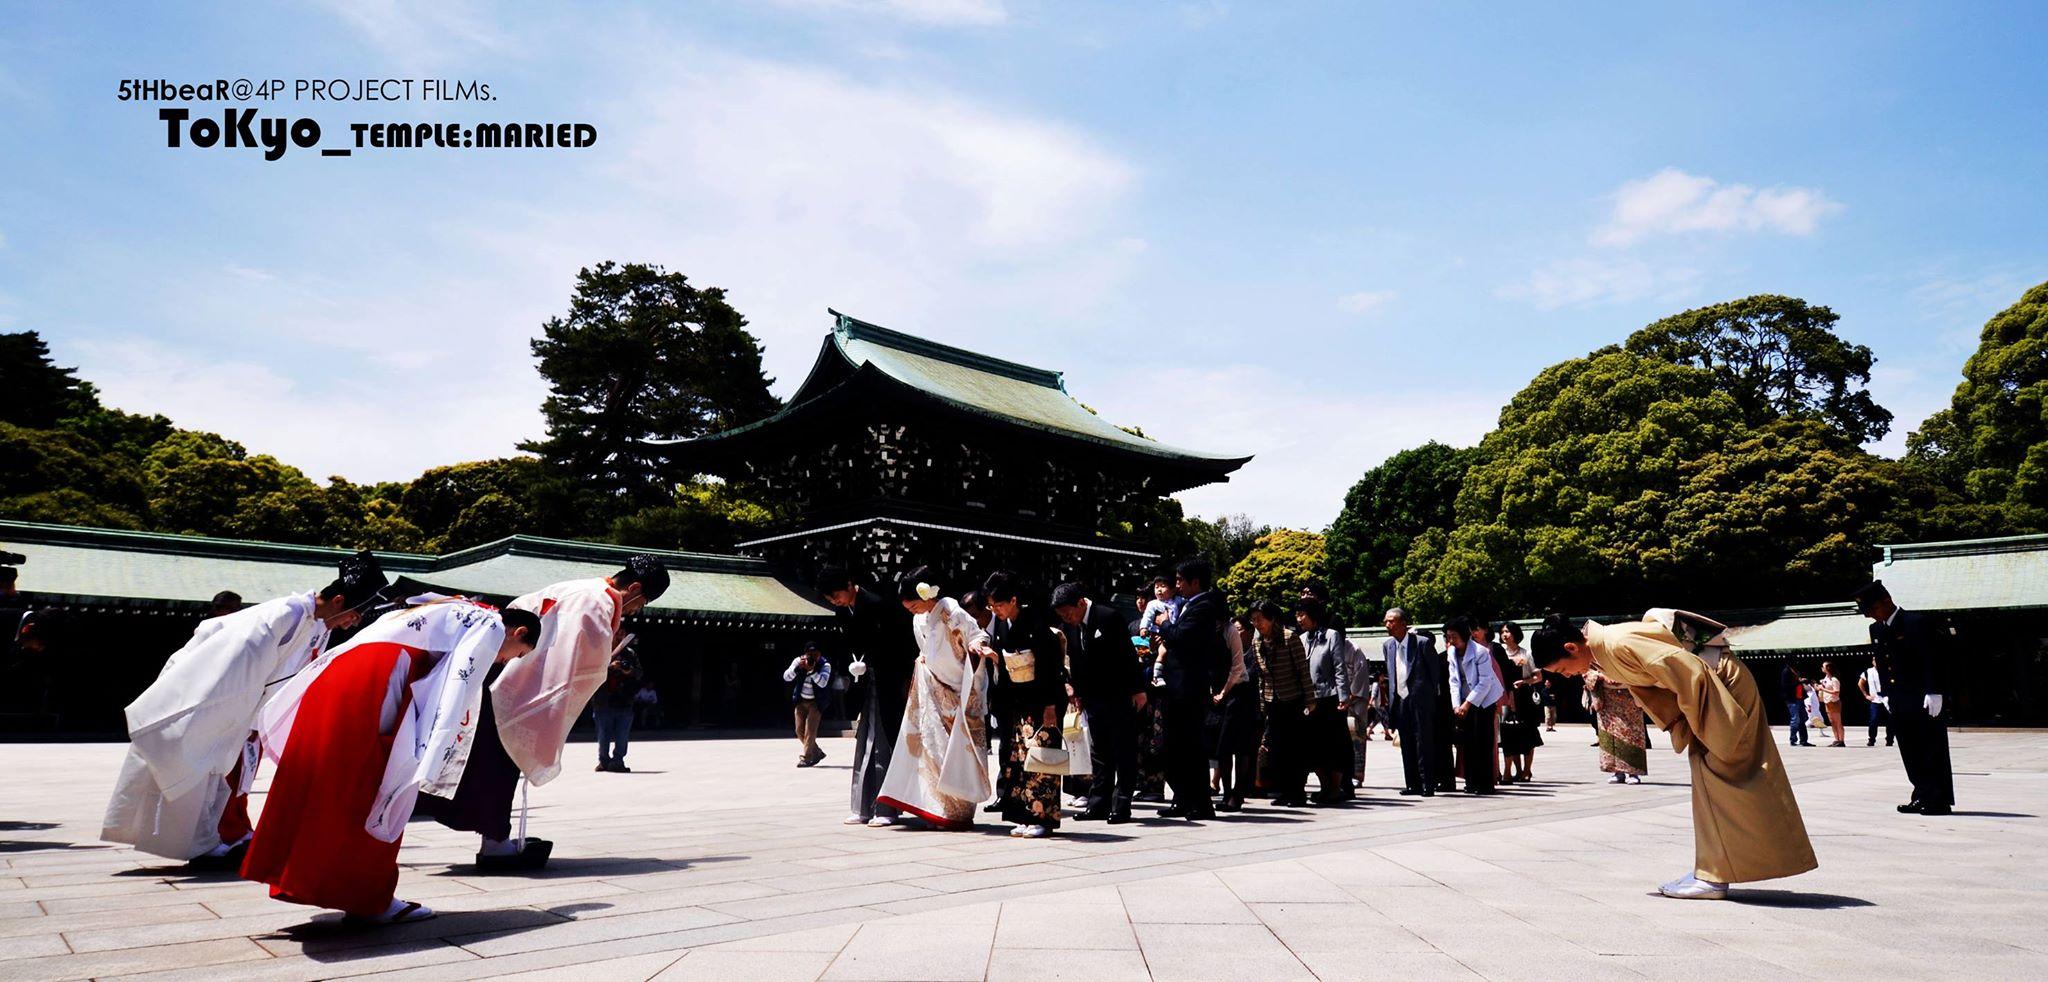 งานแต่งงานในศาลเจ้าเมจิ